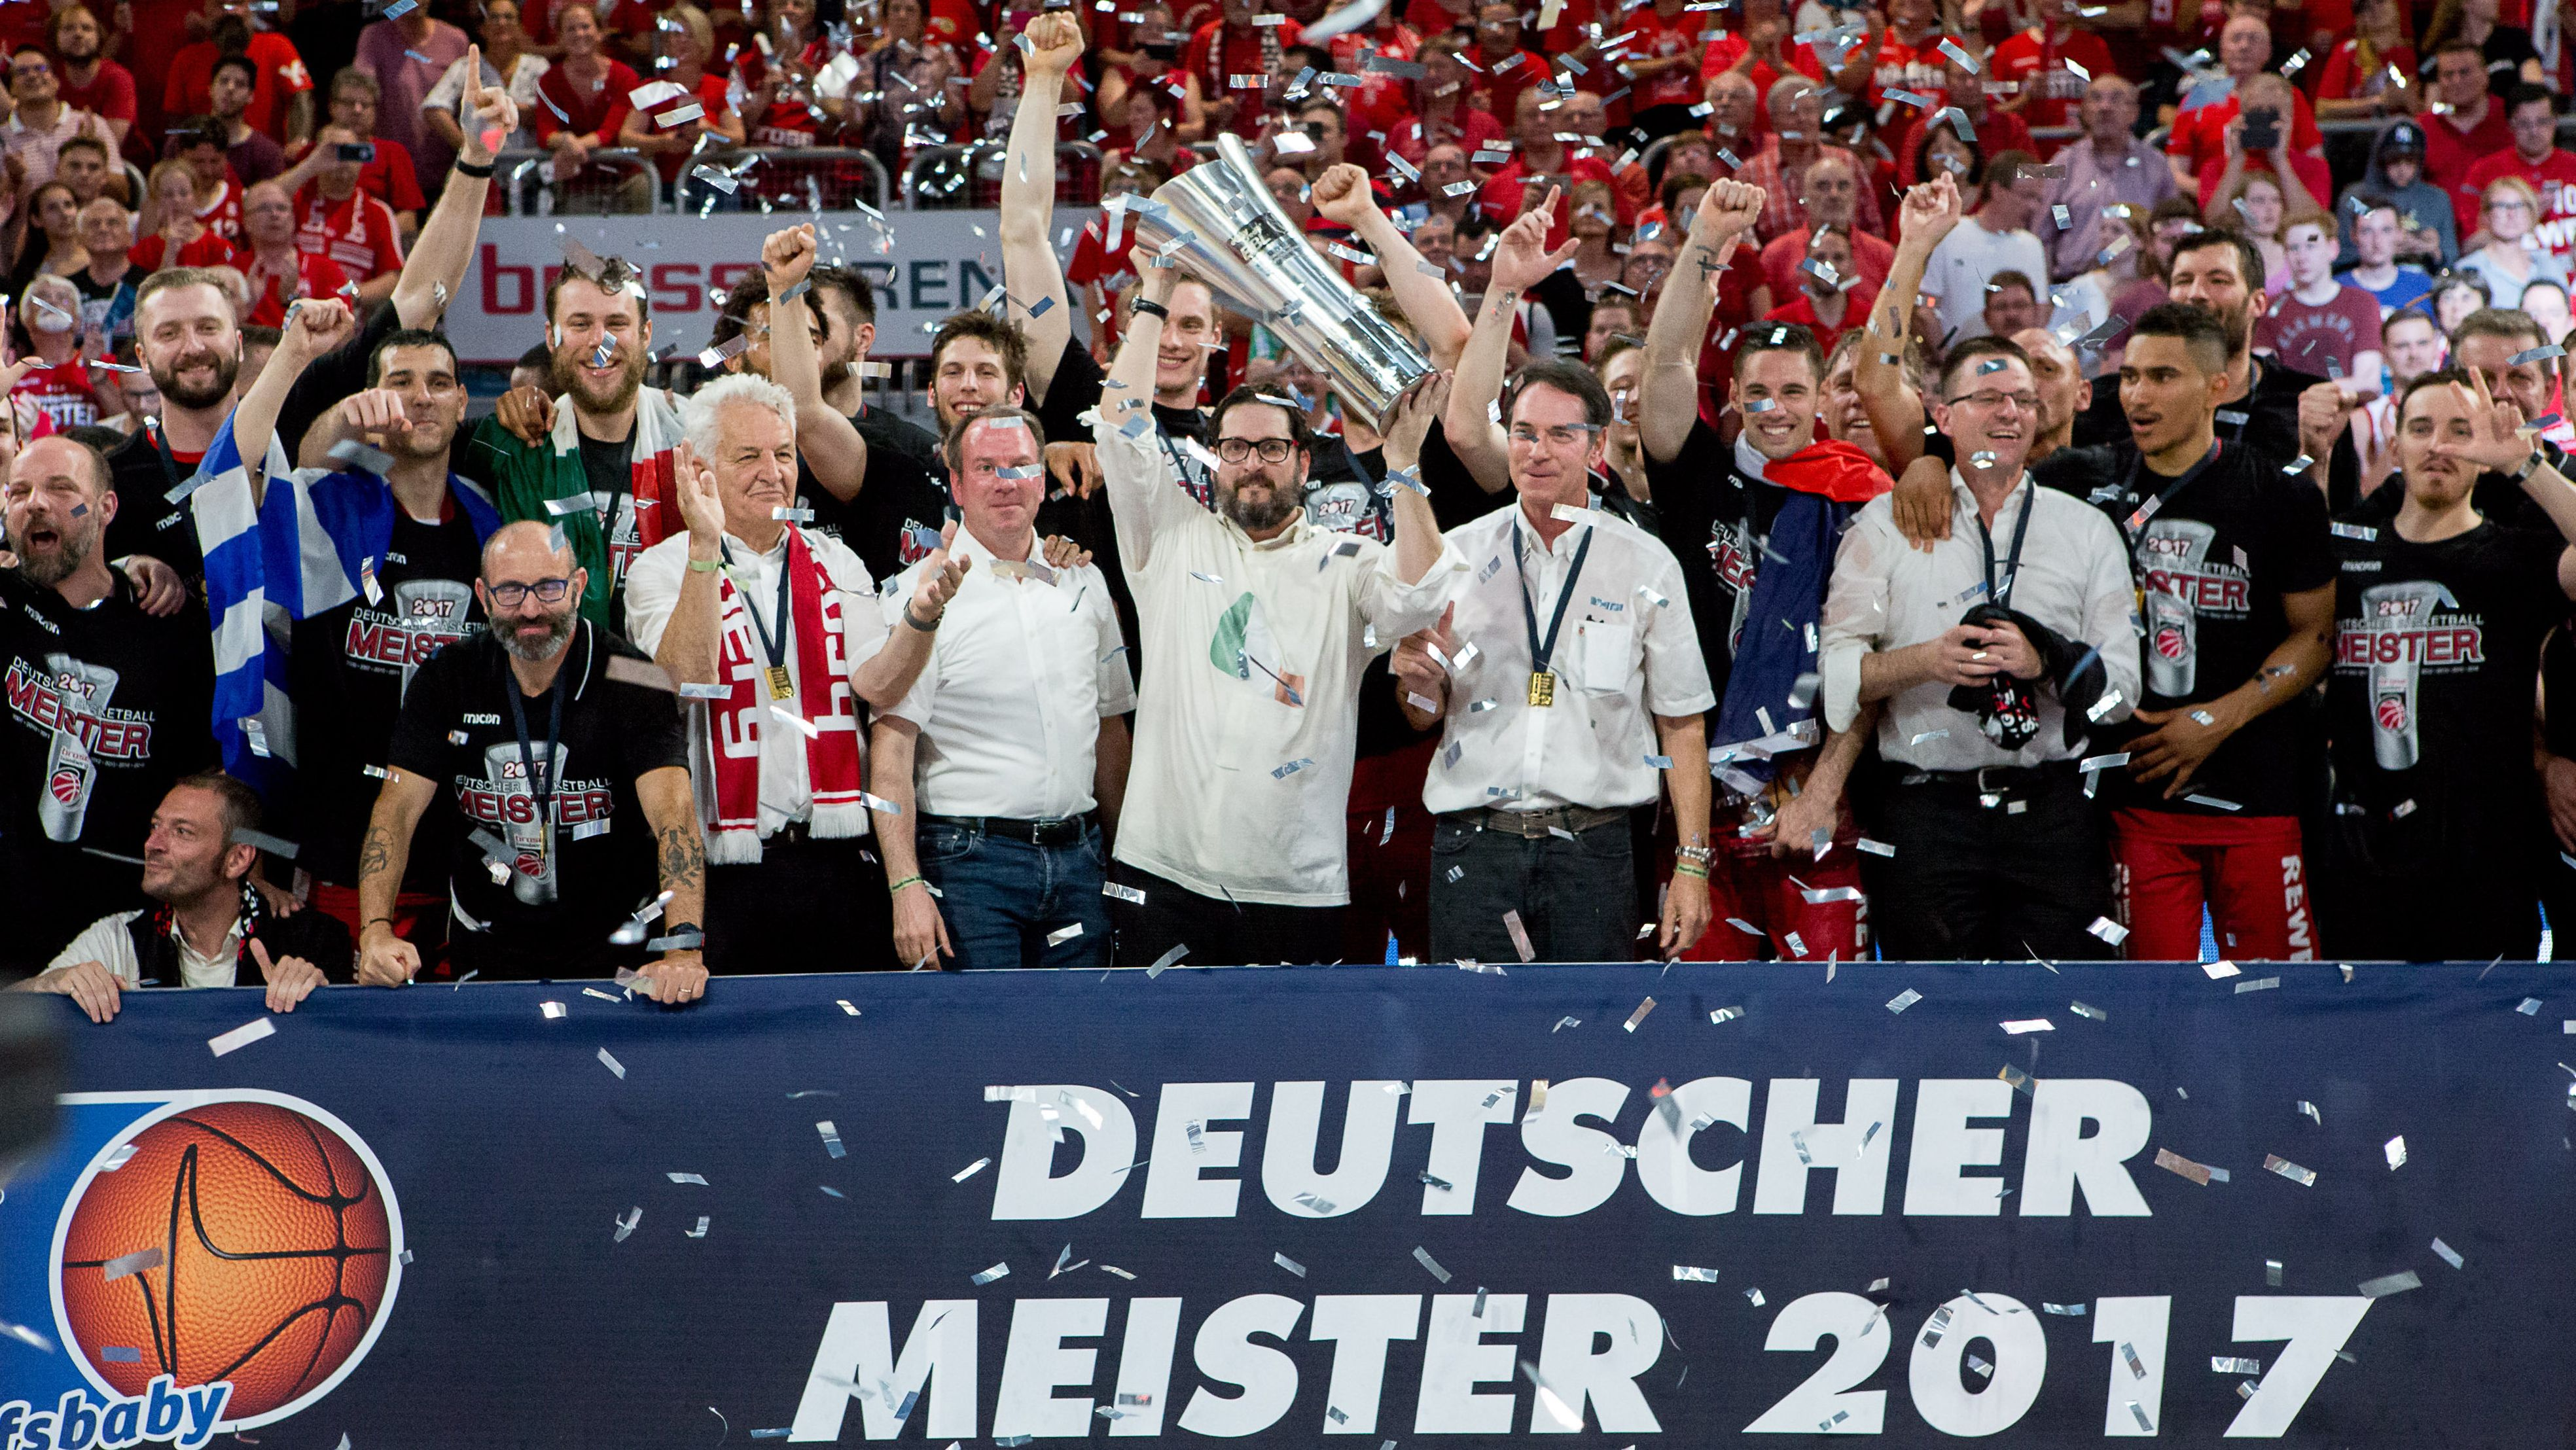 Die letzte deutsche Meisterschaft feierte Brose Bamberg 2017